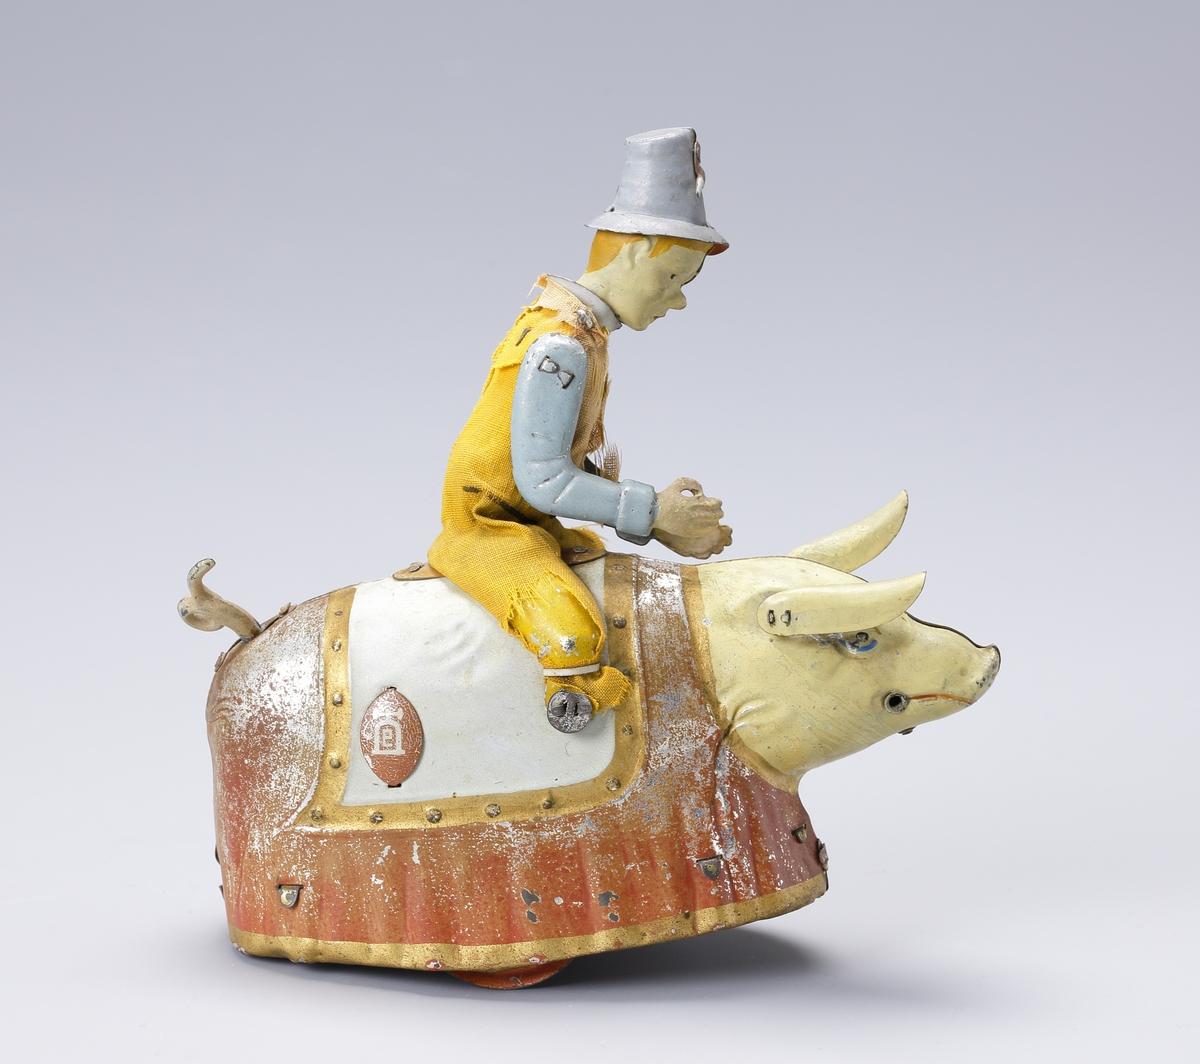 """Mekanisk leksak föreställande en figur med hatt (""""Dummerjöns"""", Bröderna Grimms sagor), sittande på en gris.  Genom ett fjäderverk inuti grisen vrider figuren ovanpå på överkroppen och grisen går fram och tillbaka i snäva svängar."""